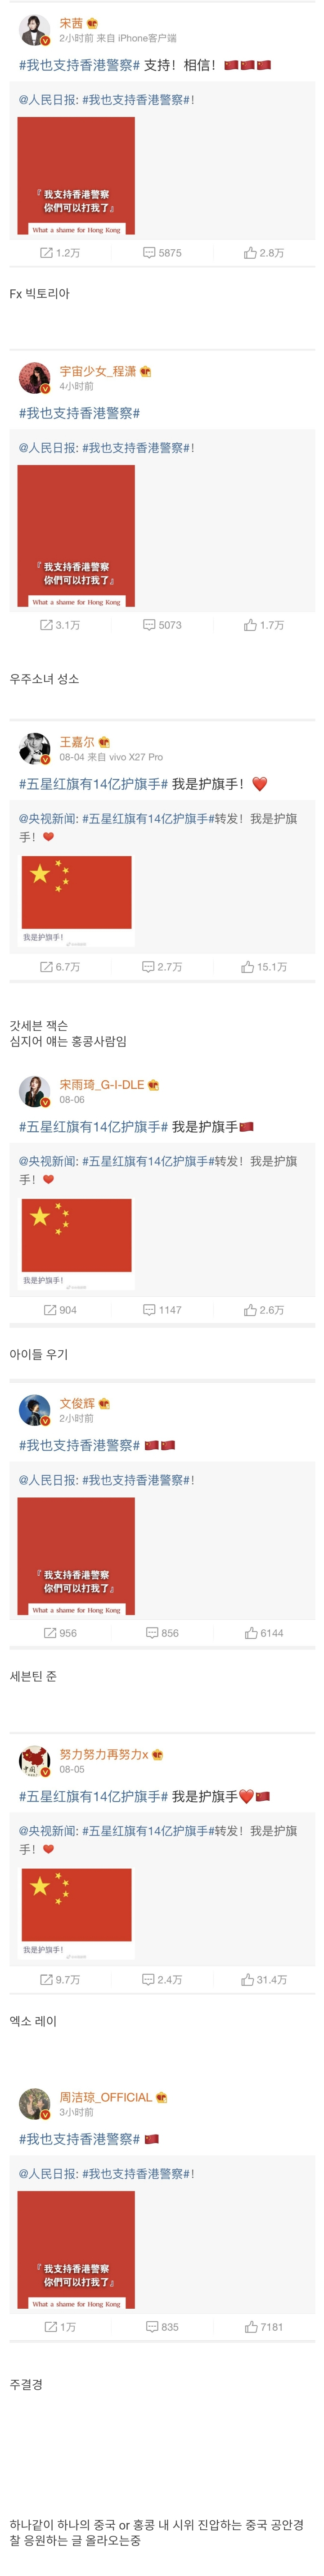 현재 논란중인 한국에서 활동하는 중국인 아이돌들 웨이보 ㄷㄷㄷㄷ.JPG | 인스티즈